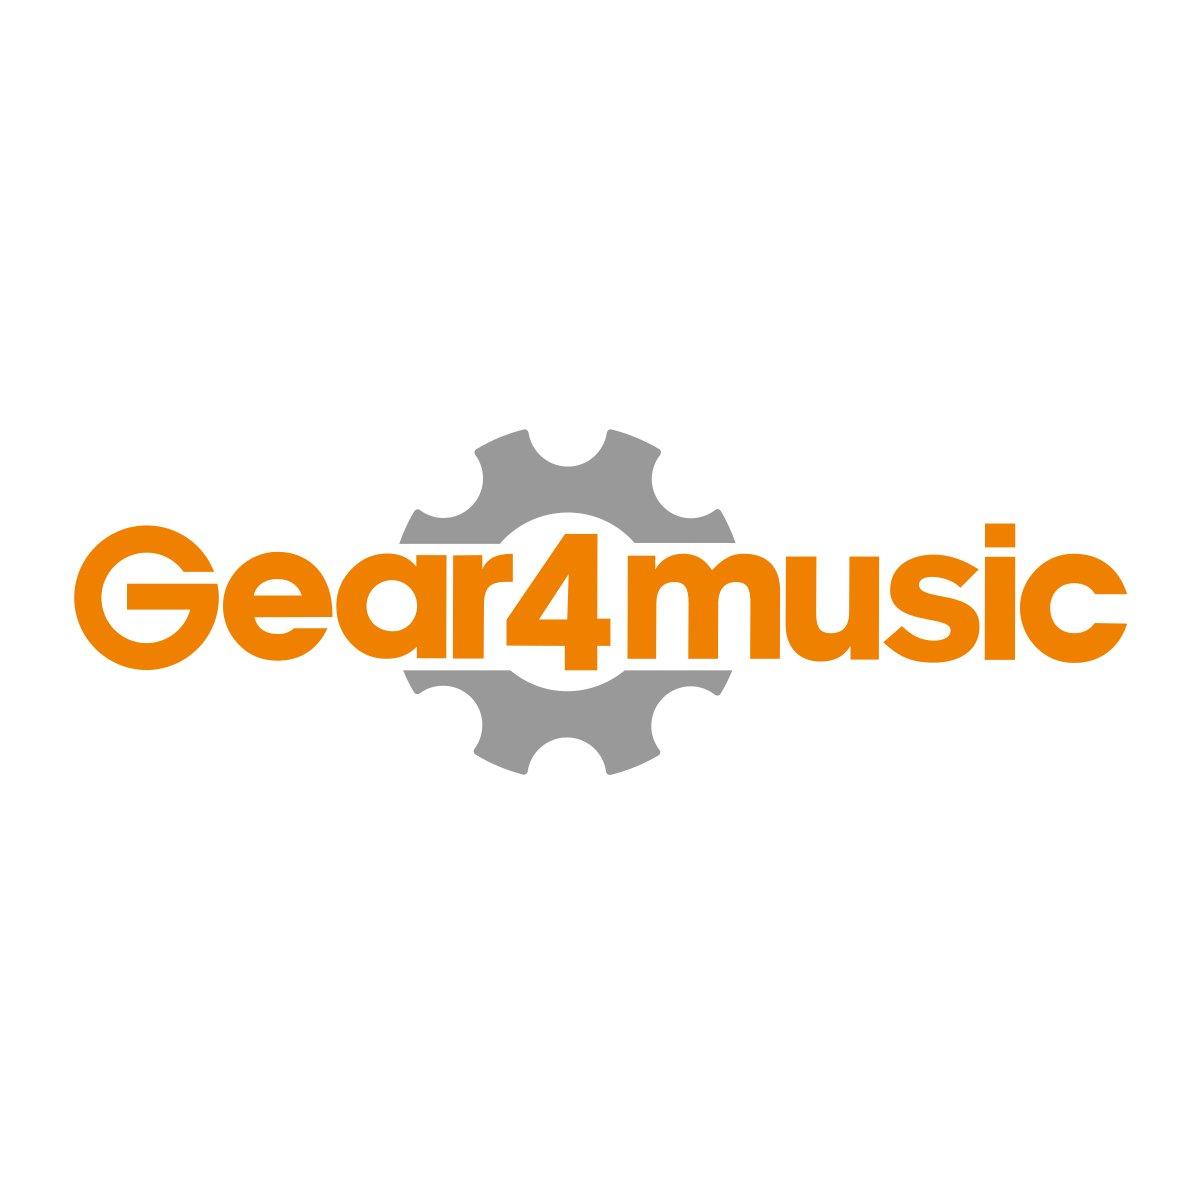 greg bennett torino tr 2 electric guitar vintage sunburst at gear4music. Black Bedroom Furniture Sets. Home Design Ideas